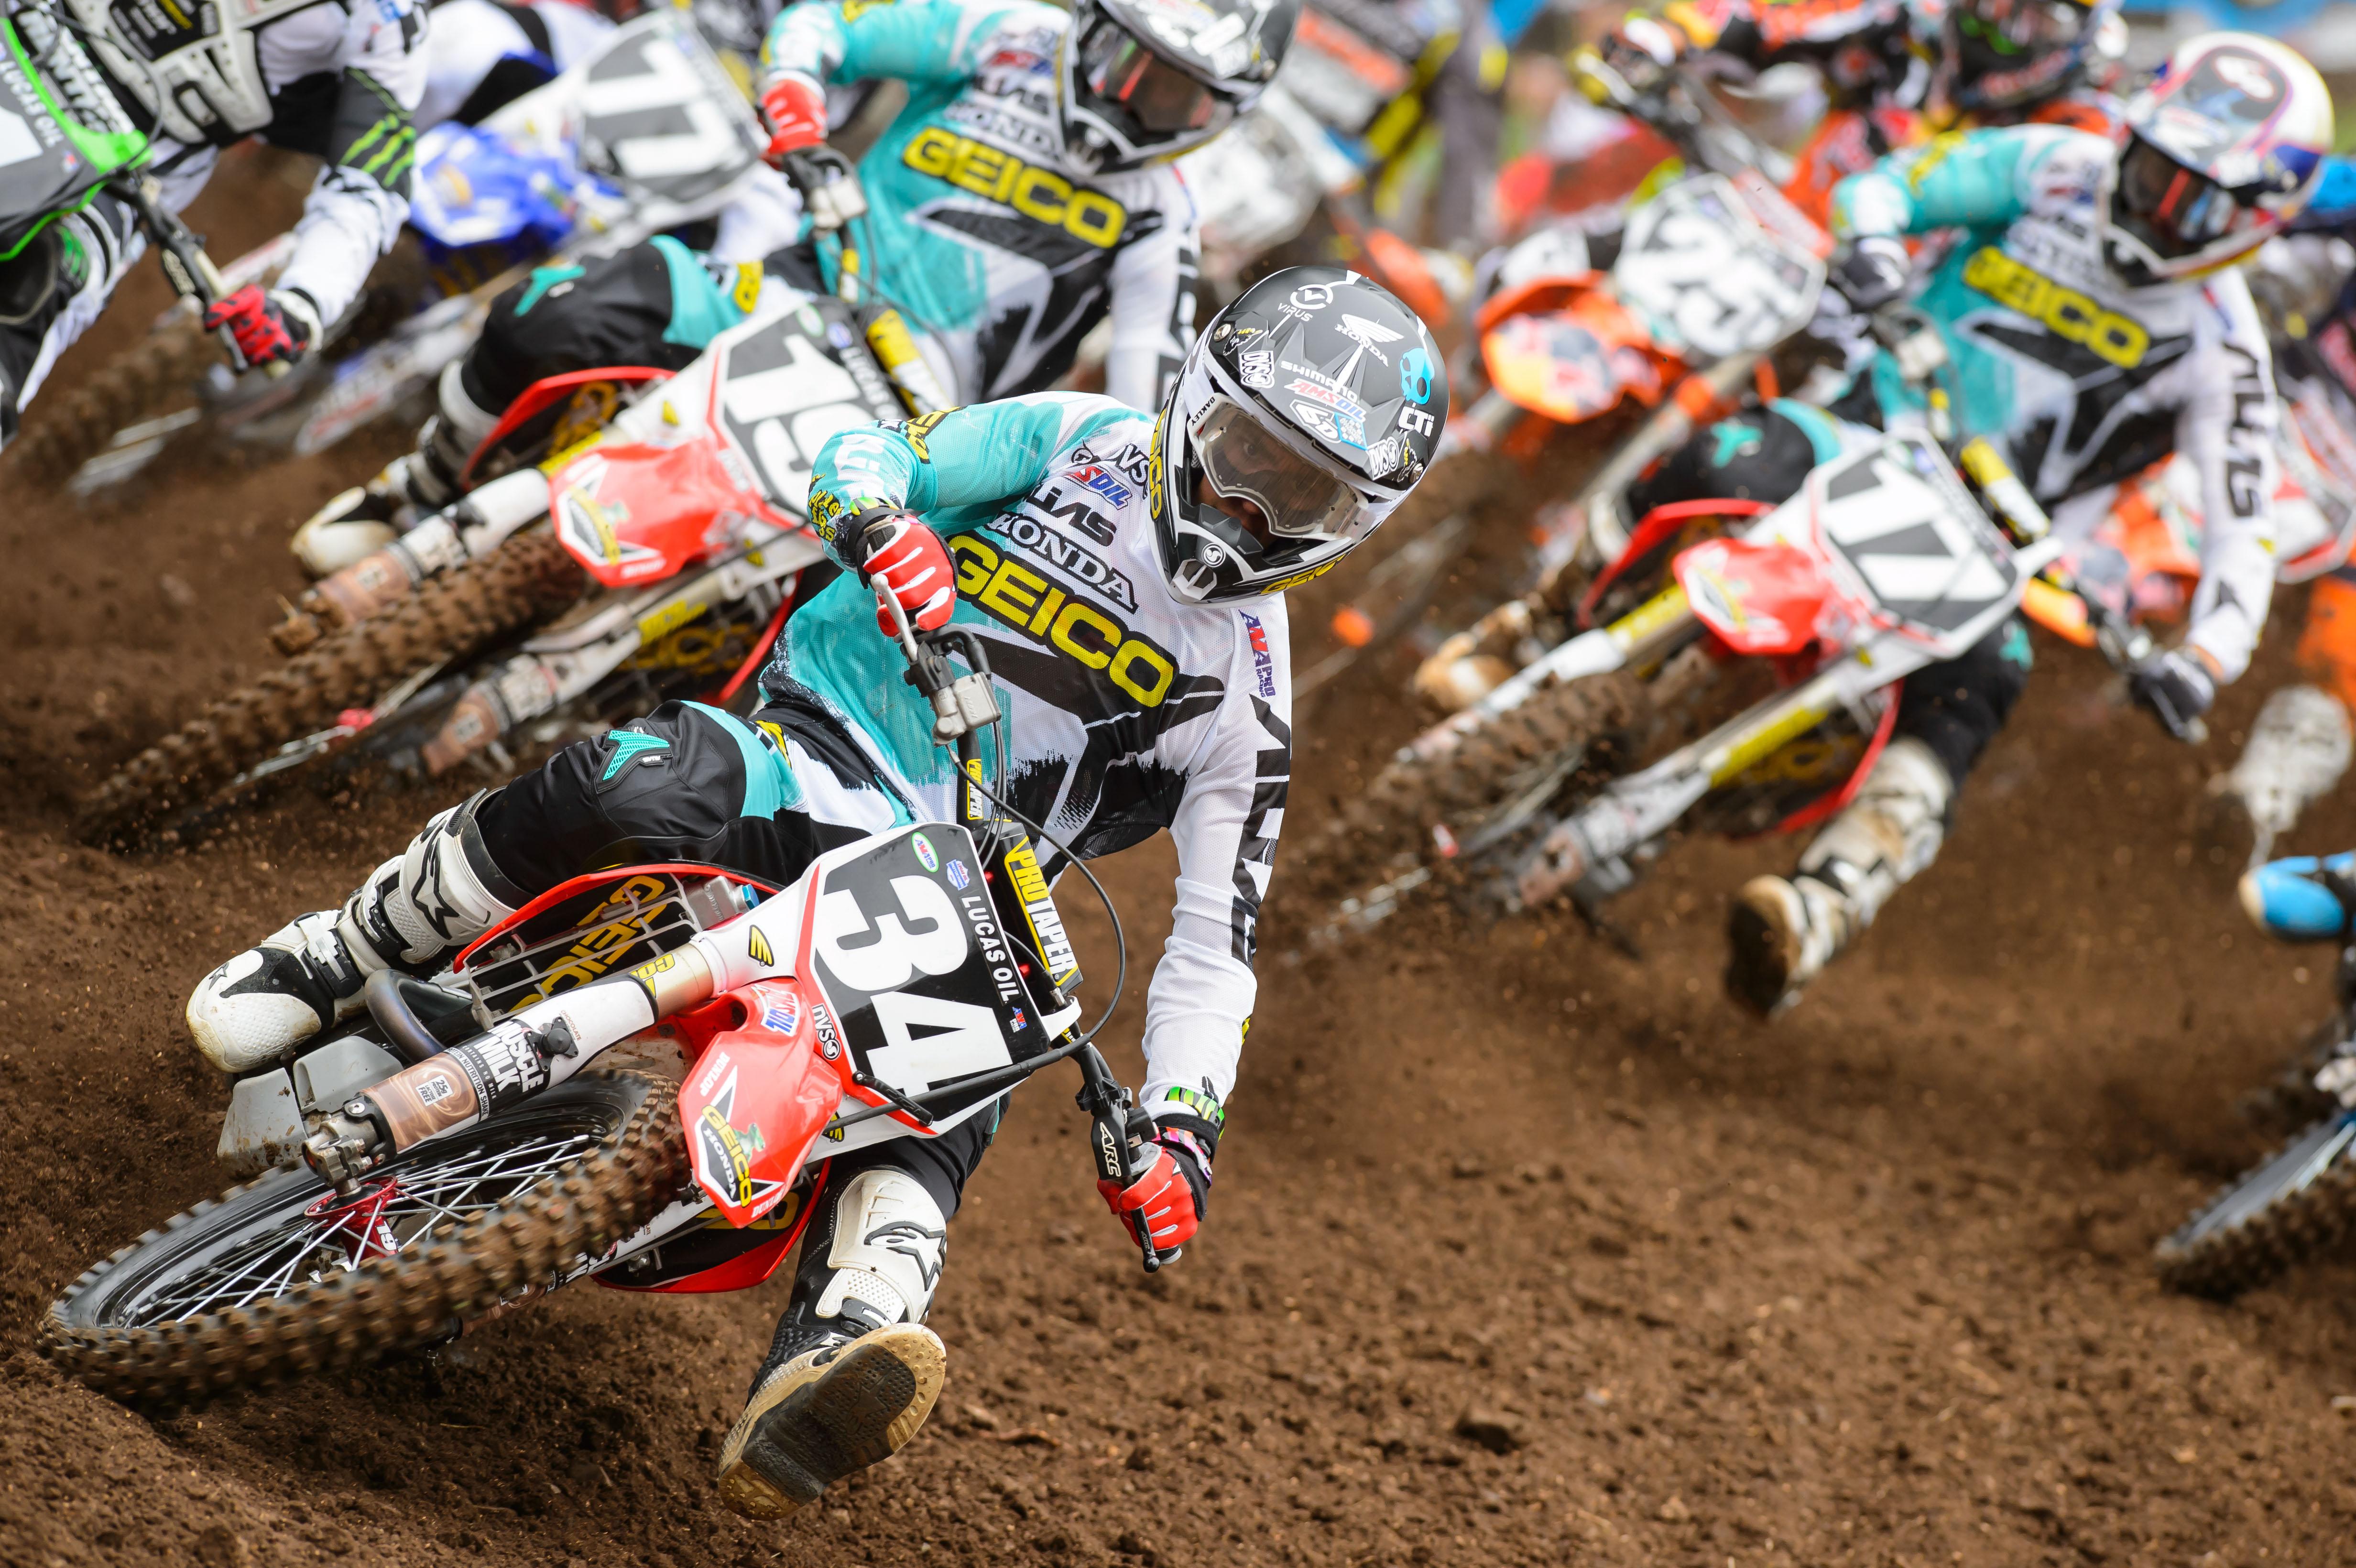 dirtbike moto motocross race racing motorbike honda ht wallpaper